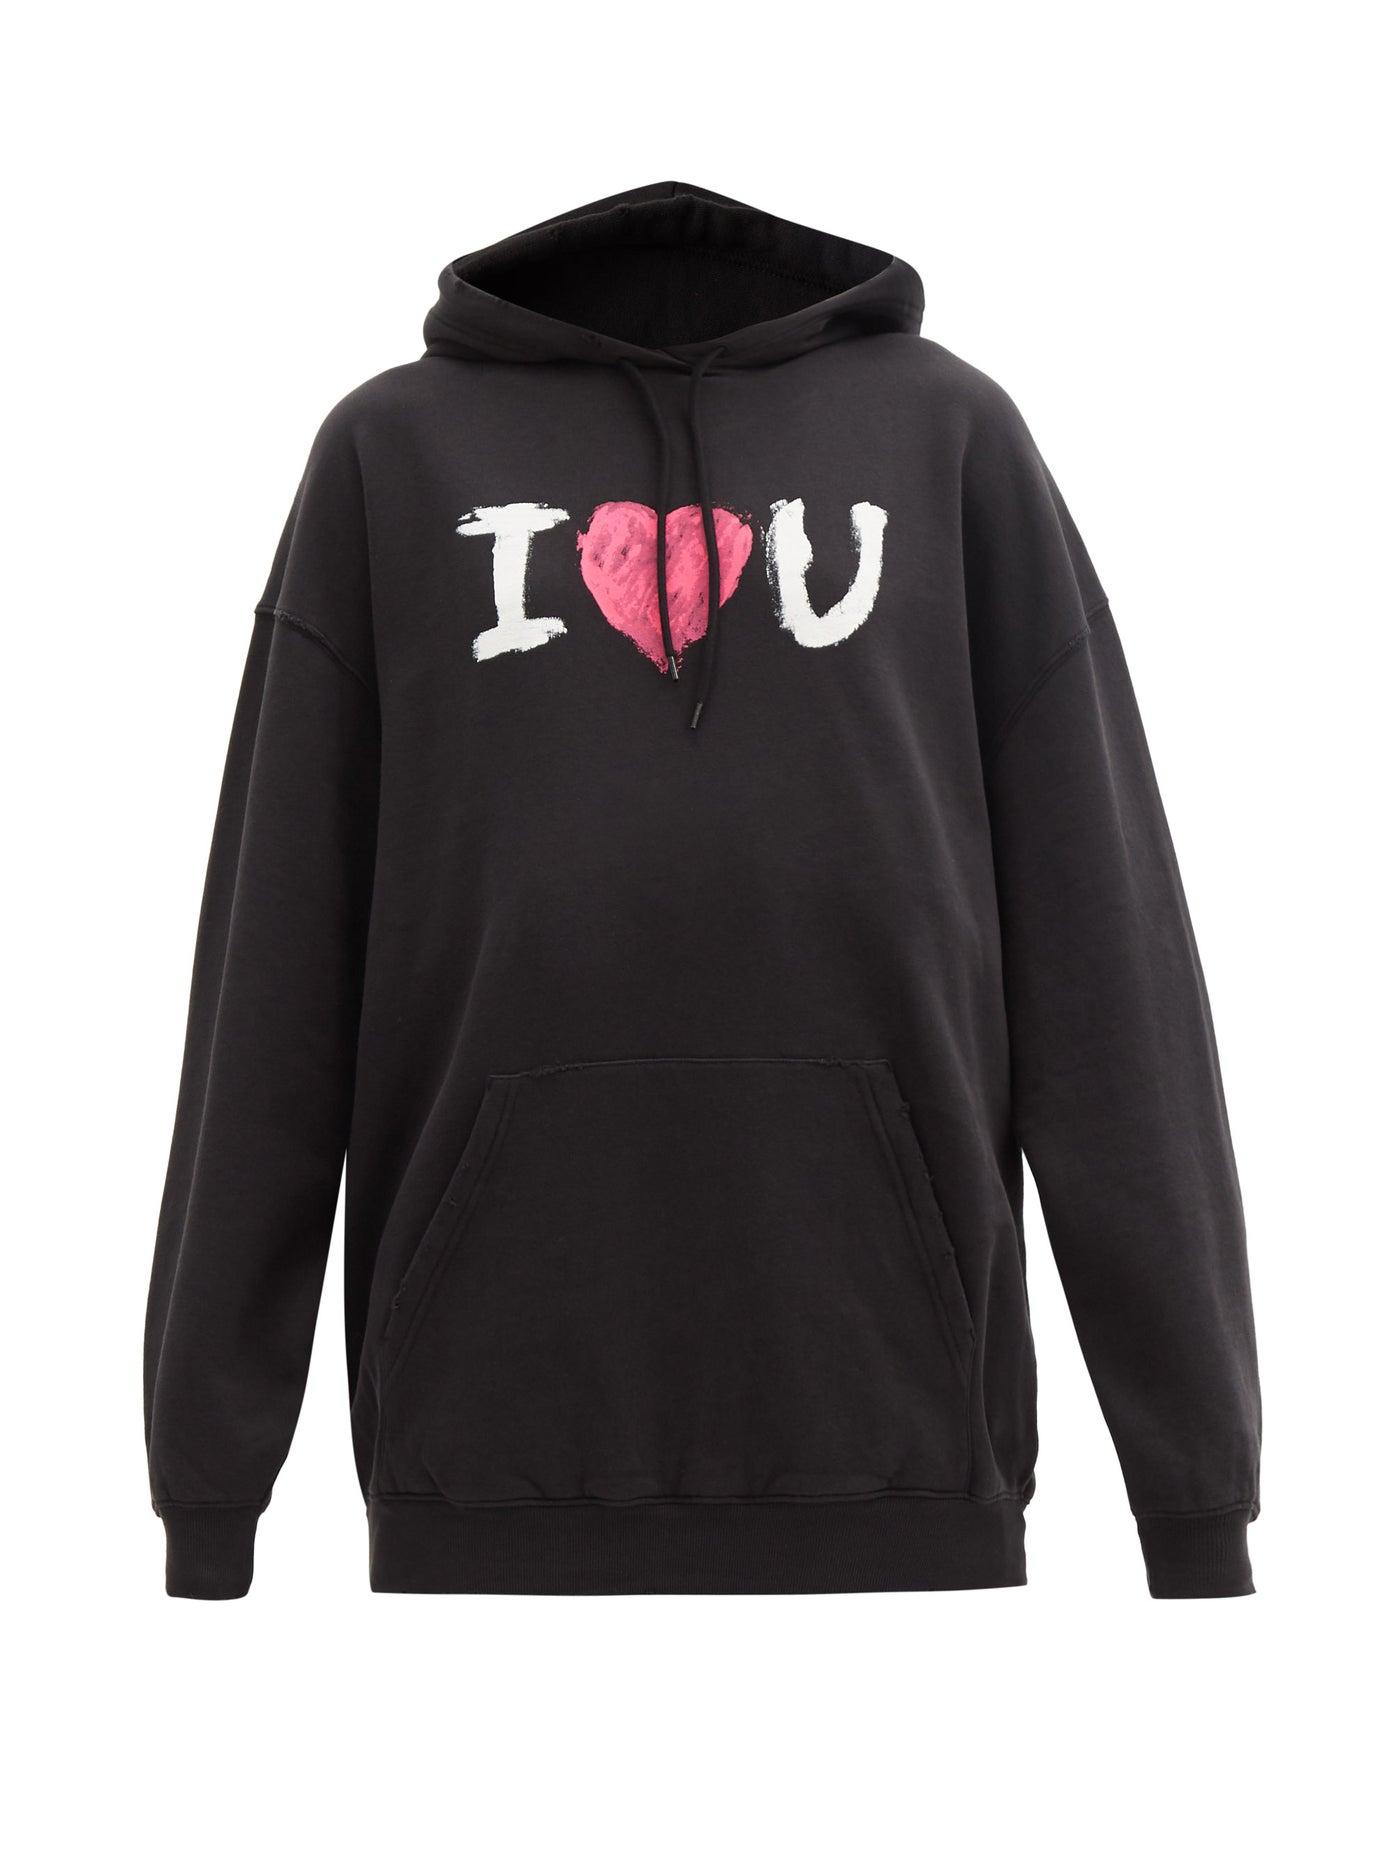 8 Unisex Valentine's Day Gifts: Balenciaga Valentine Sweatshirt